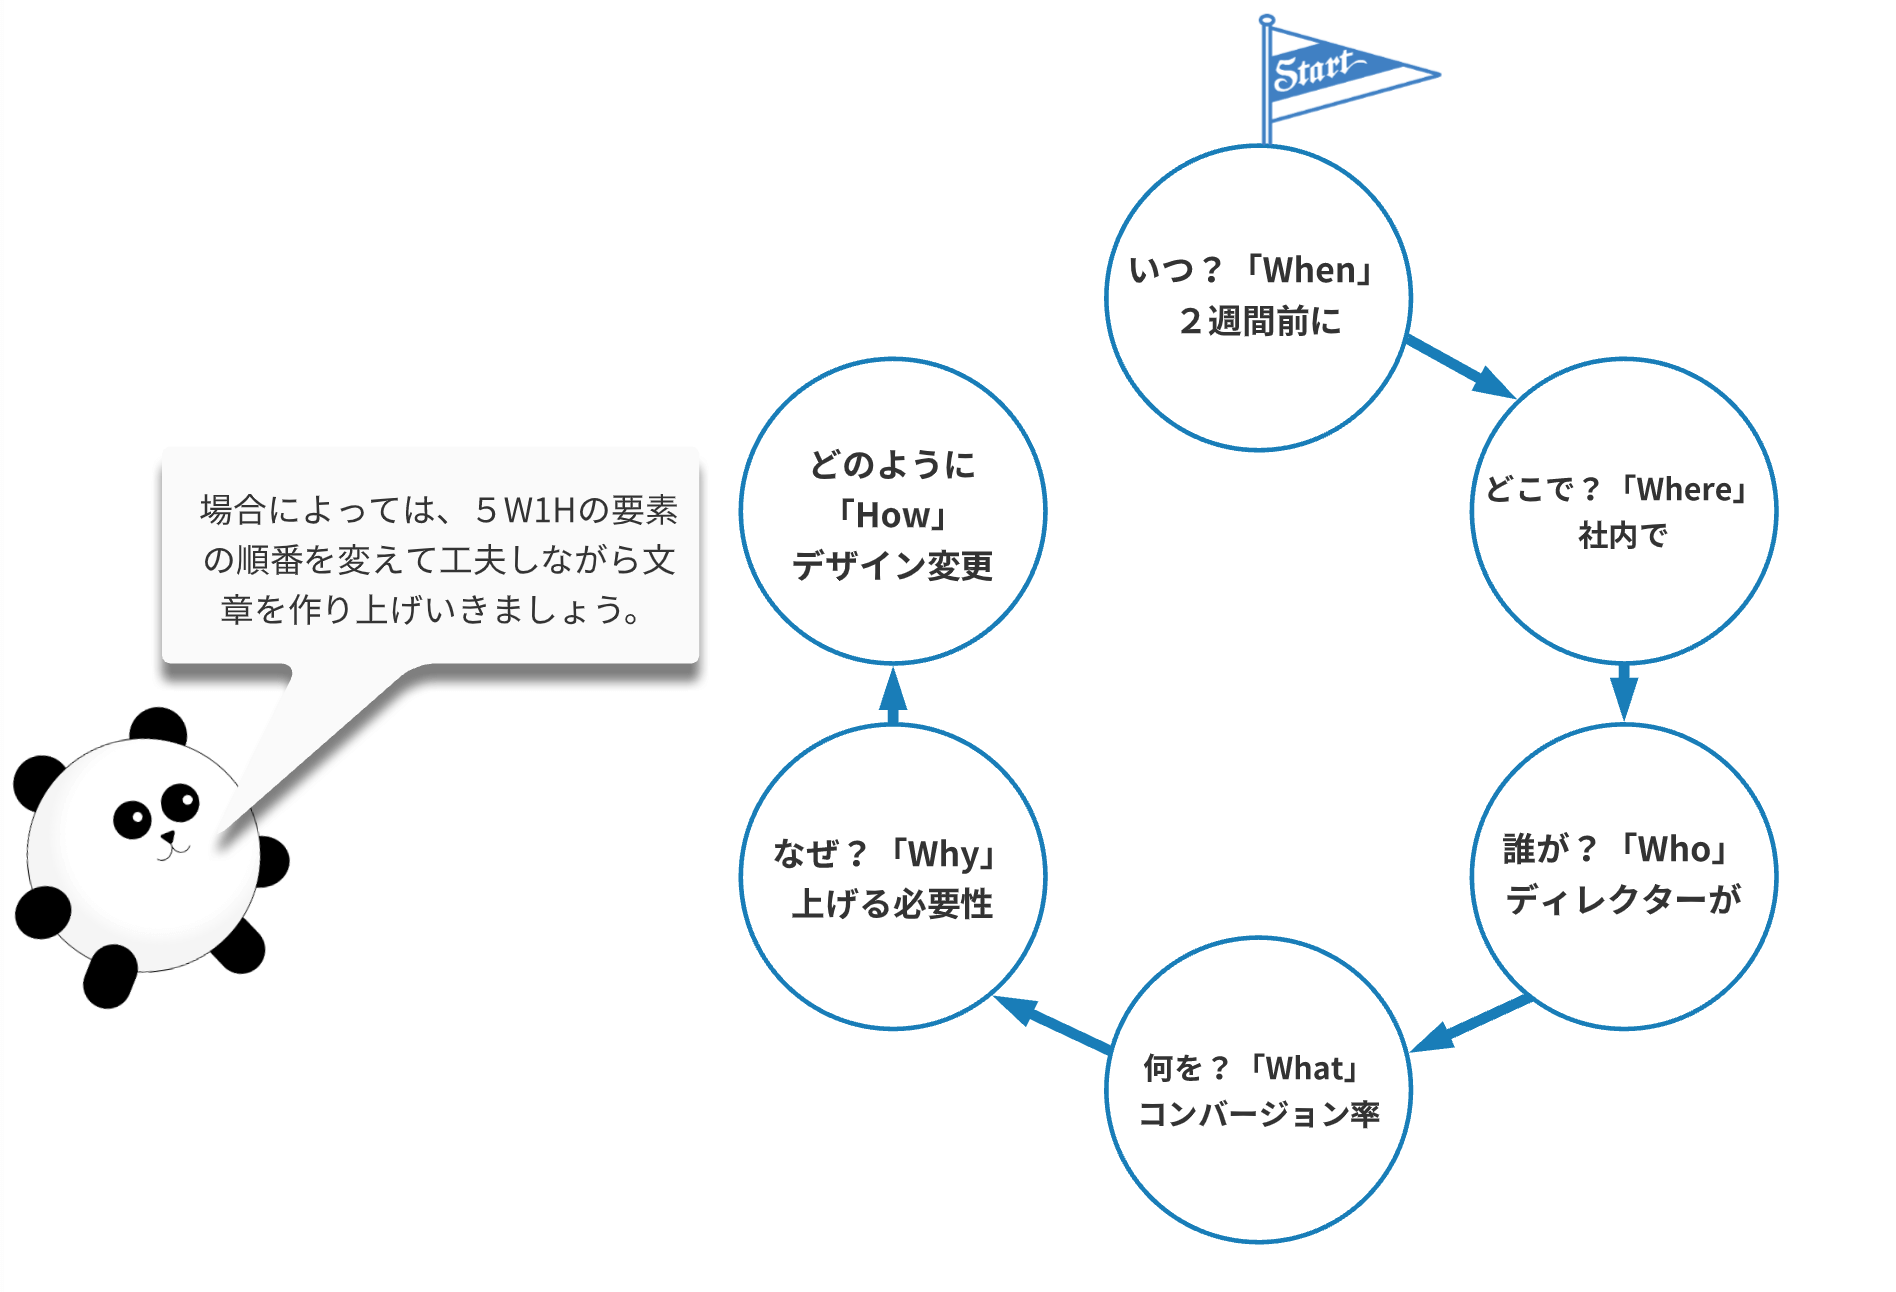 可視化された5W1Hの事例フレームワーク